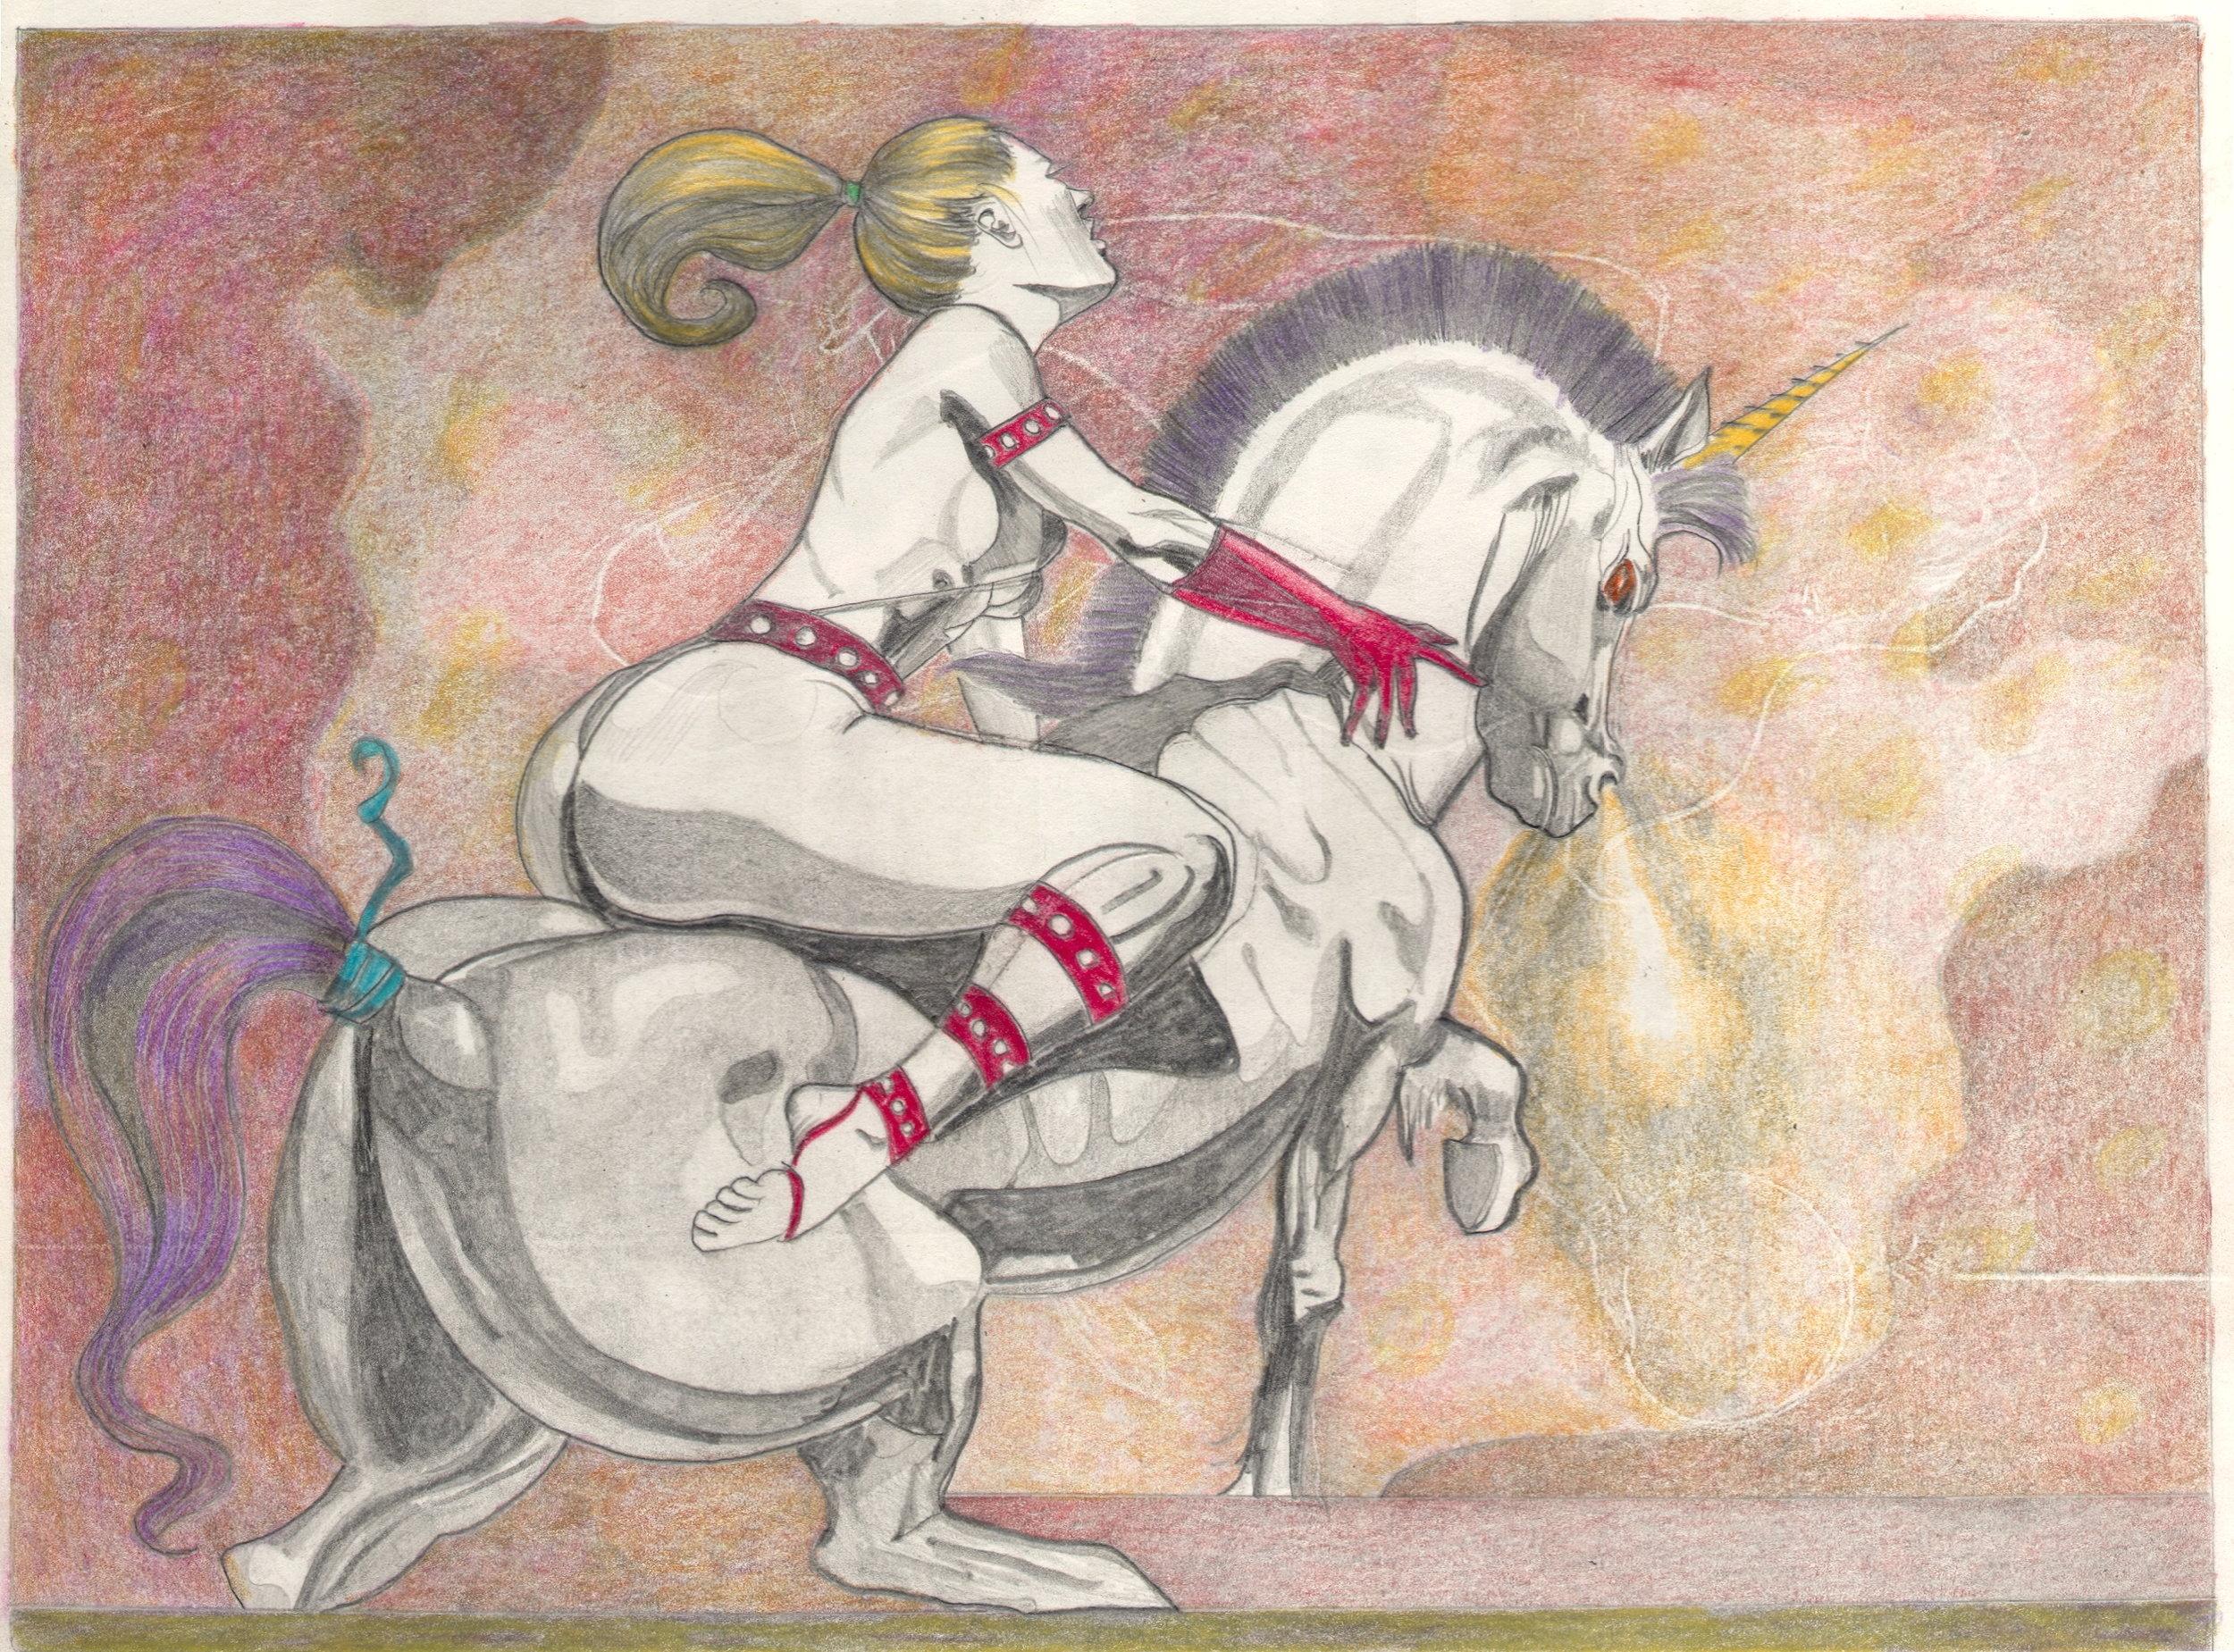 O.T. ( Serie Fantasy IIII ), 2018  Bleistift Buntstift auf Papier, 26x35.5cm